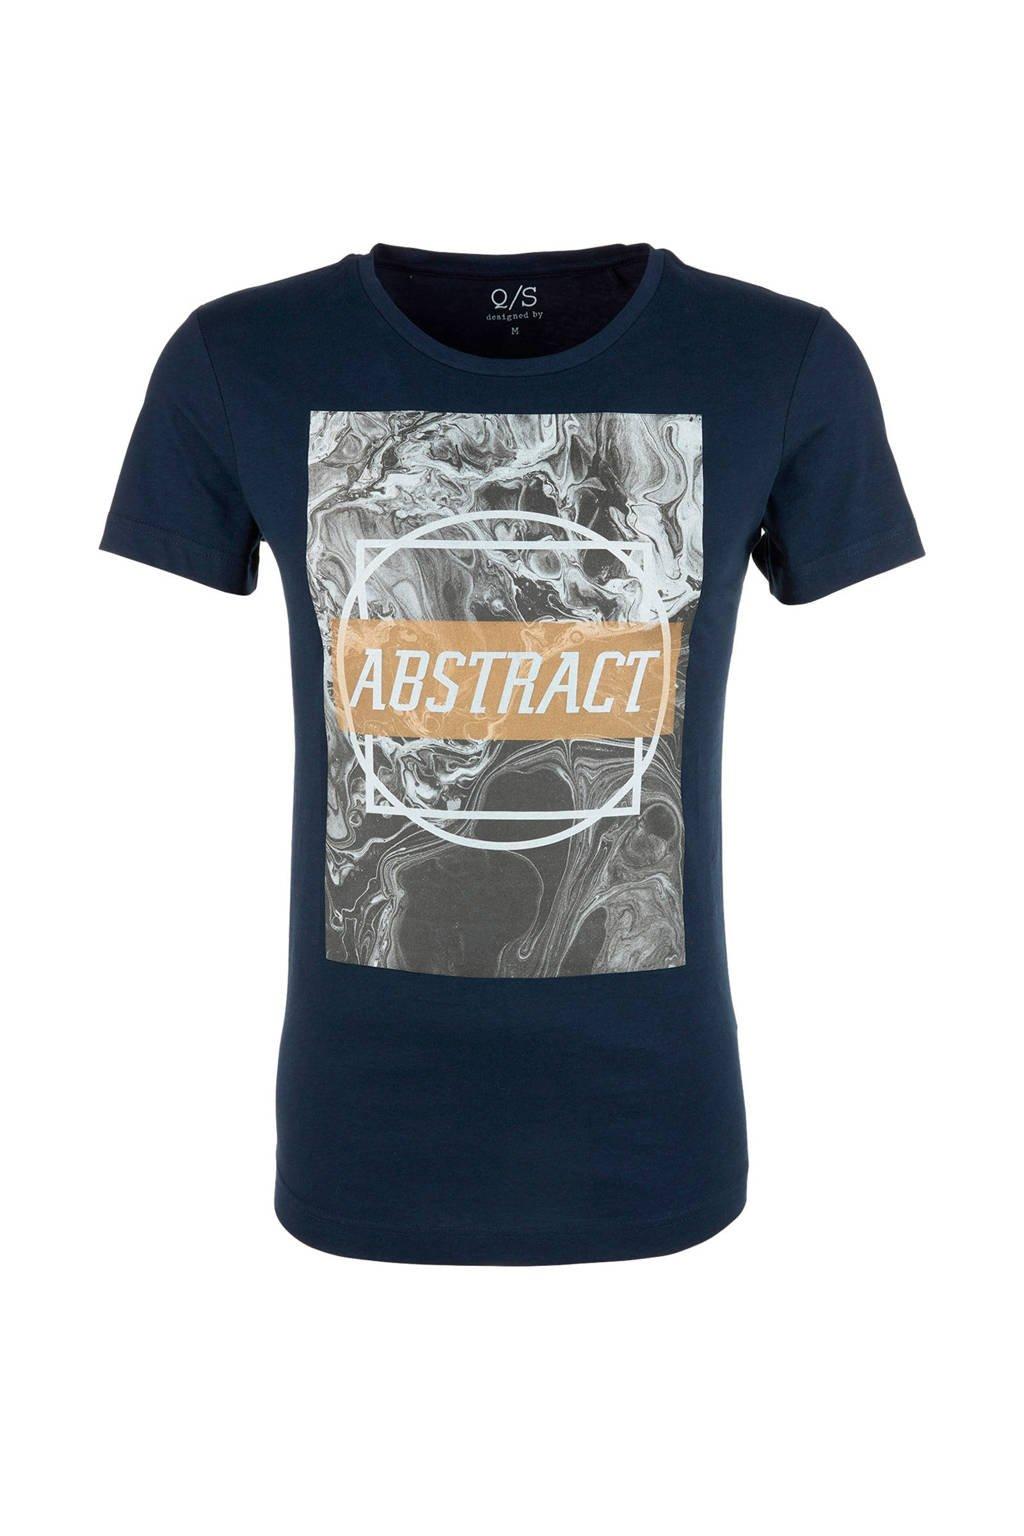 Q/S designed by T-shirt met printopdruk marine, Marineblauw